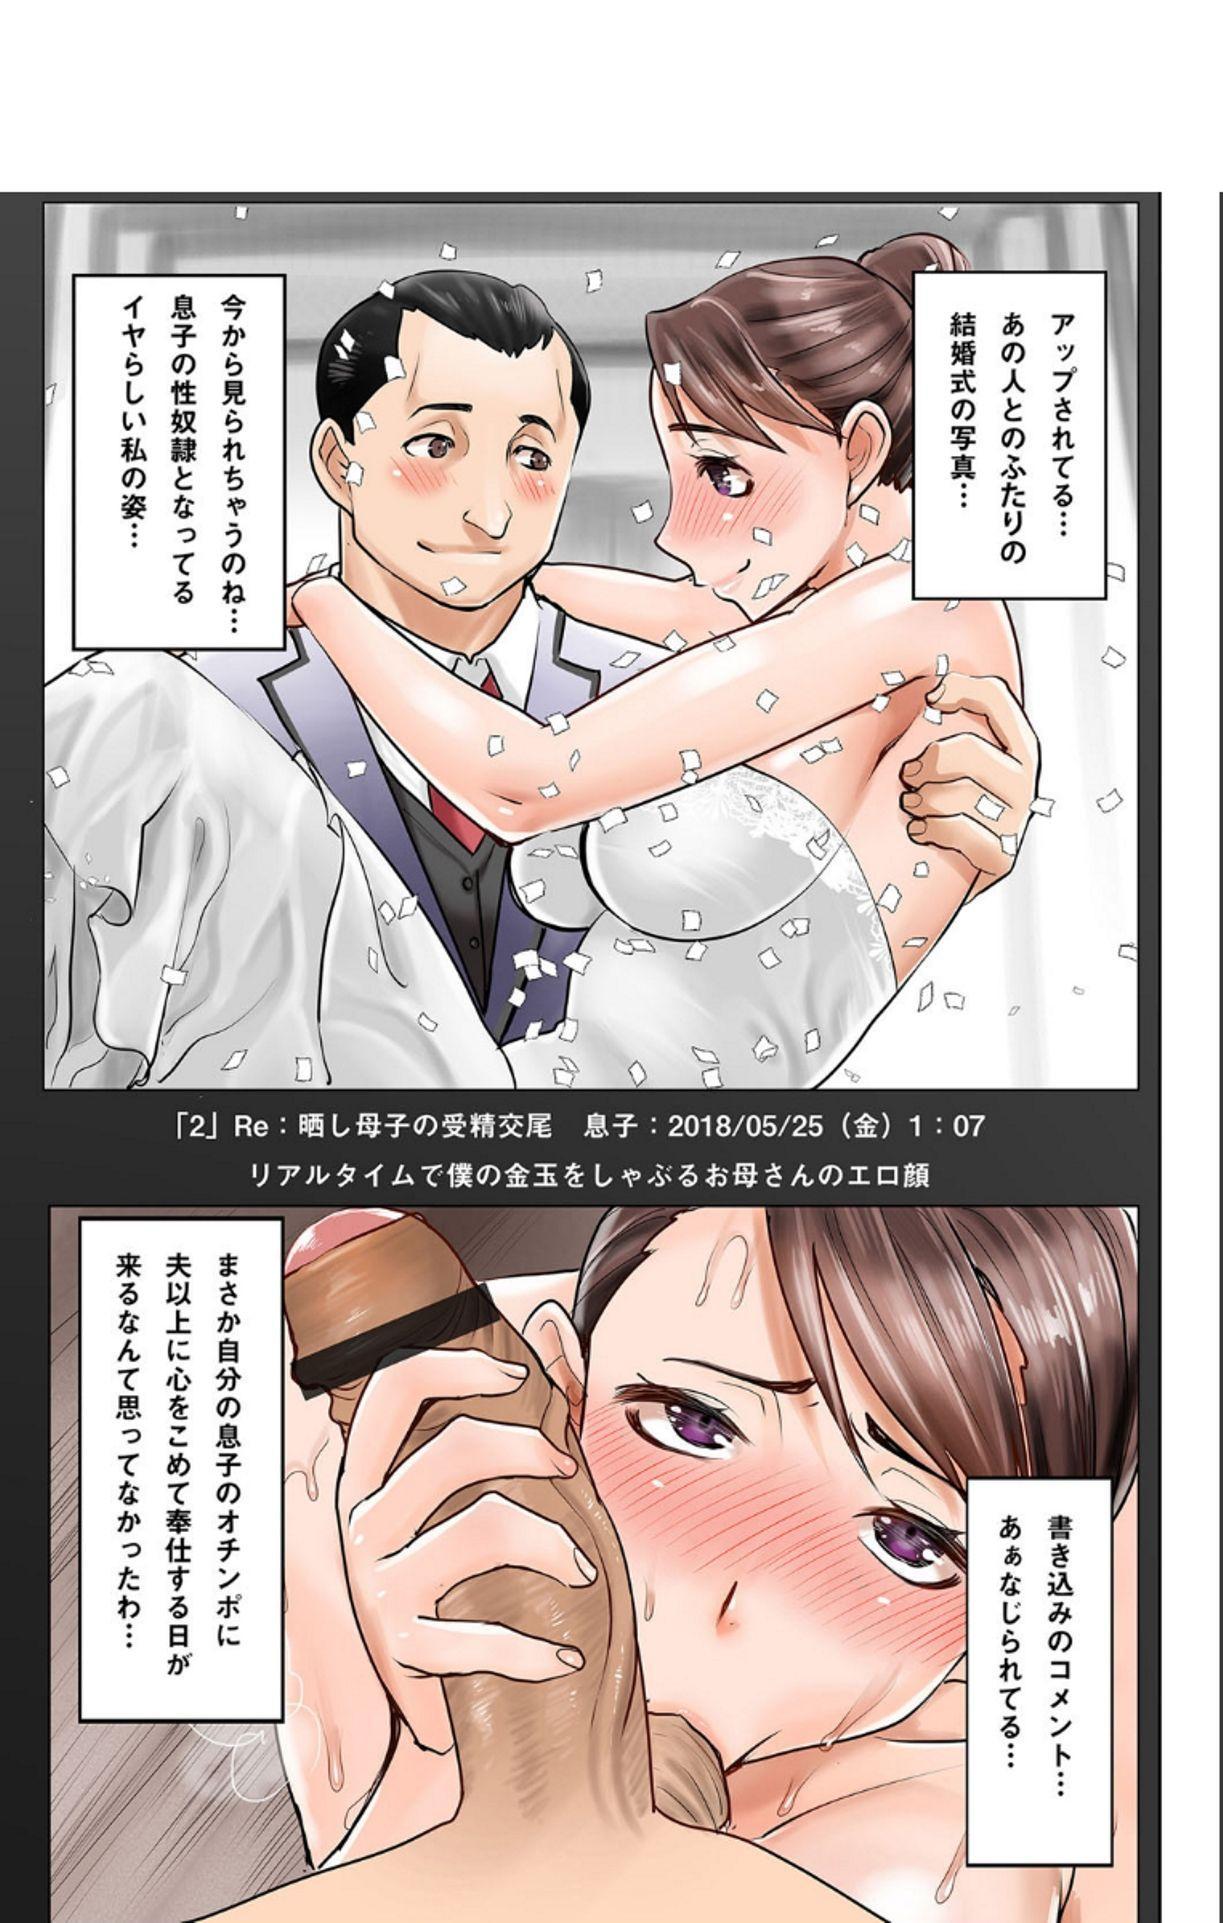 Boku no Kazoku o Sarashimasu + DMM Gentei Tokuten Paper 238